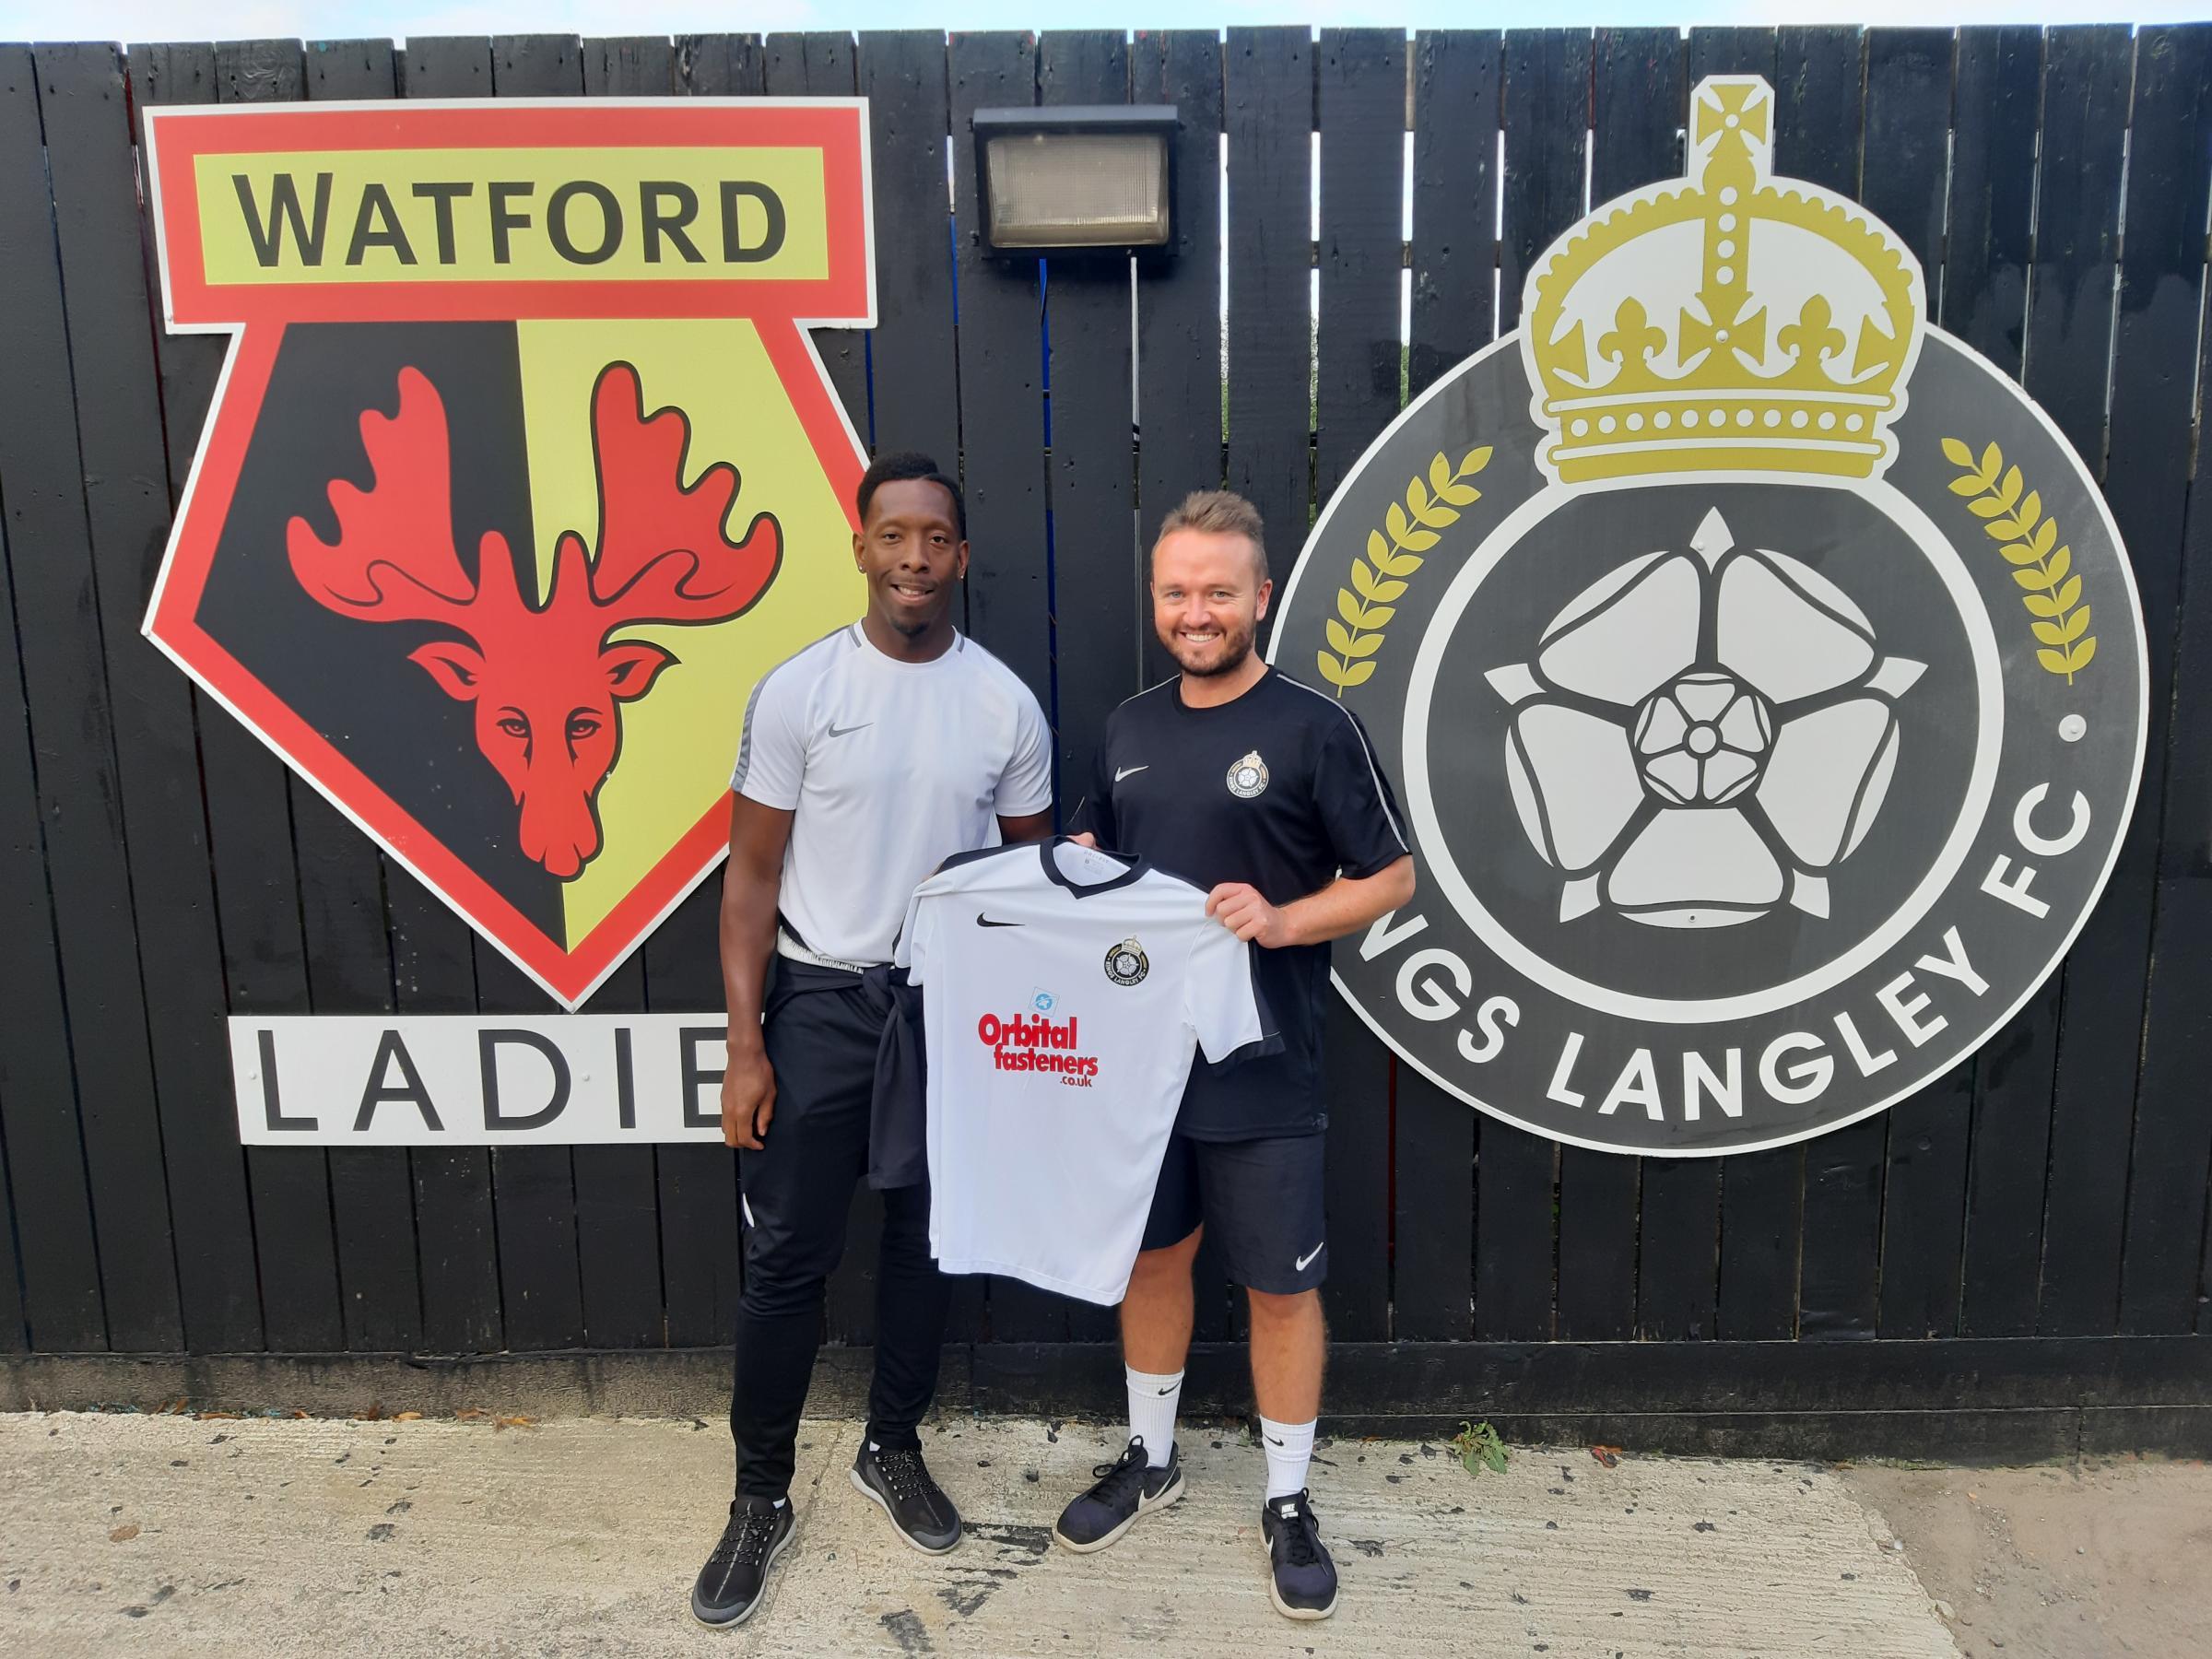 Watford legend Lloyd Doyley signs for Kings Langley